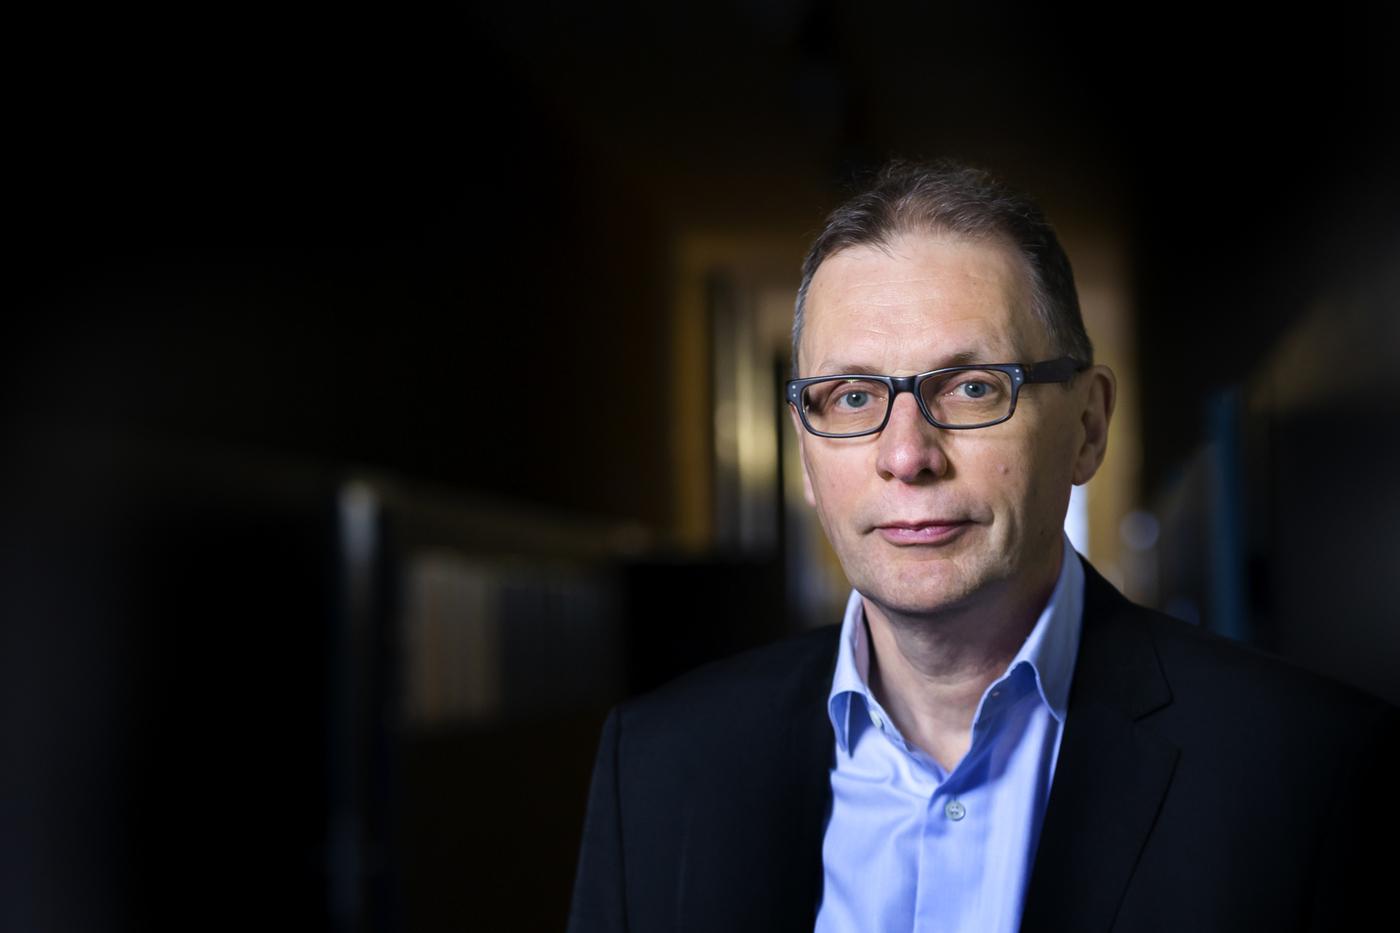 Eiríkur Steingrímsson